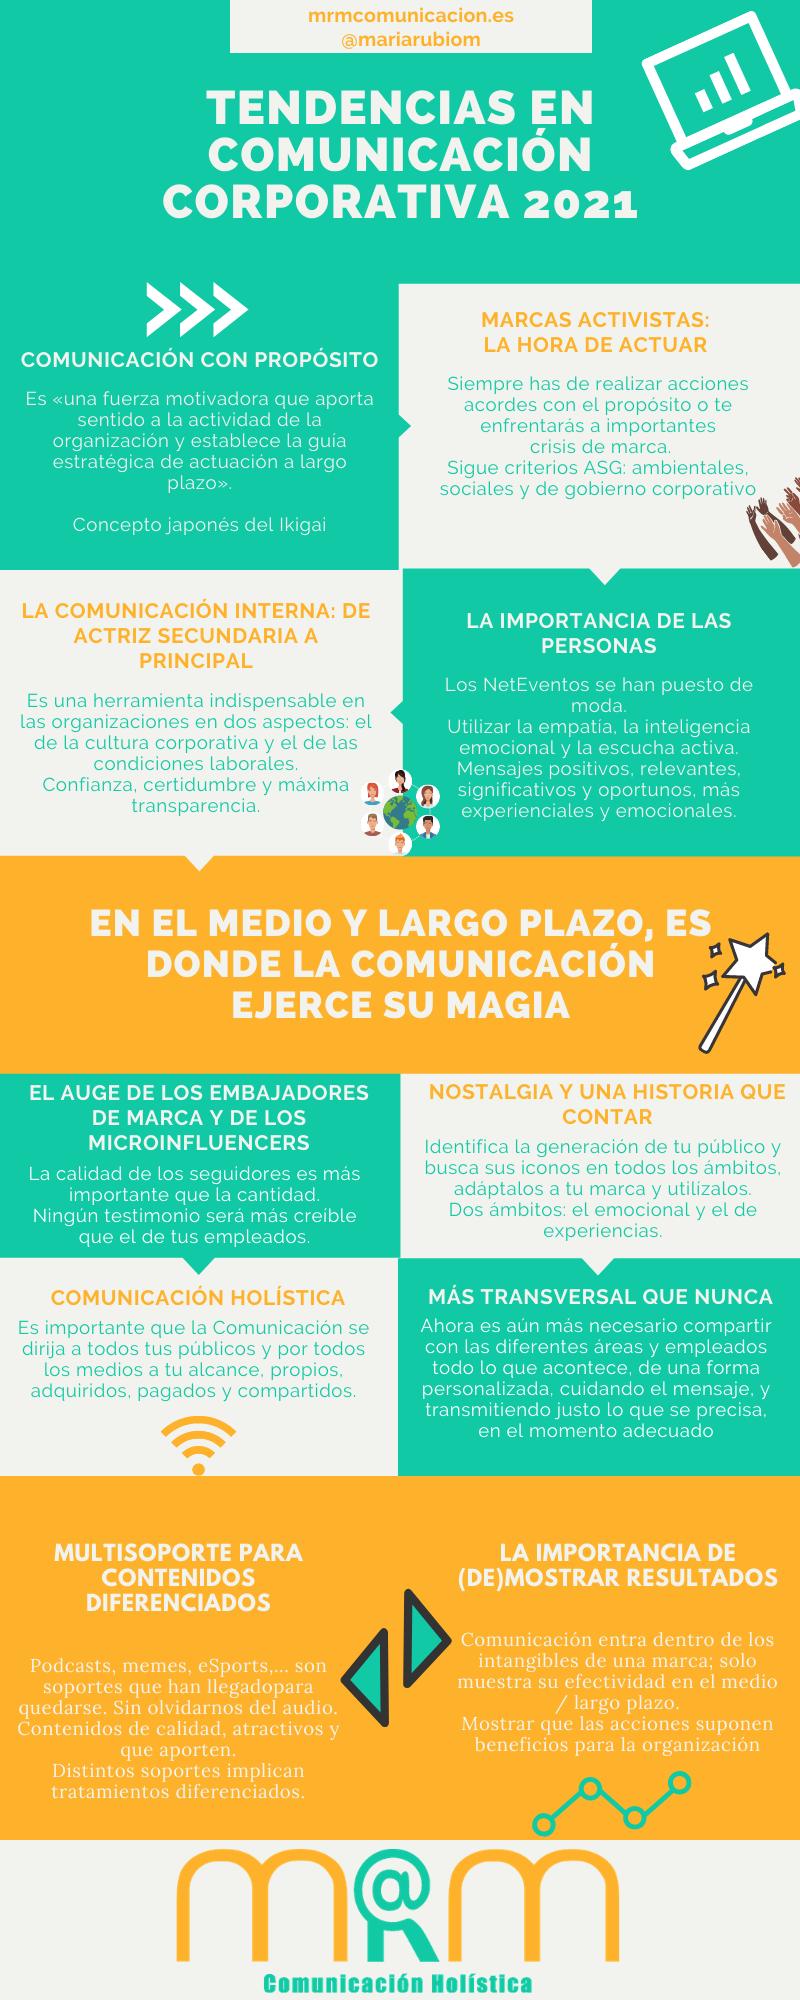 Infografía - Tendencias en Comunicación Corporativa 2021